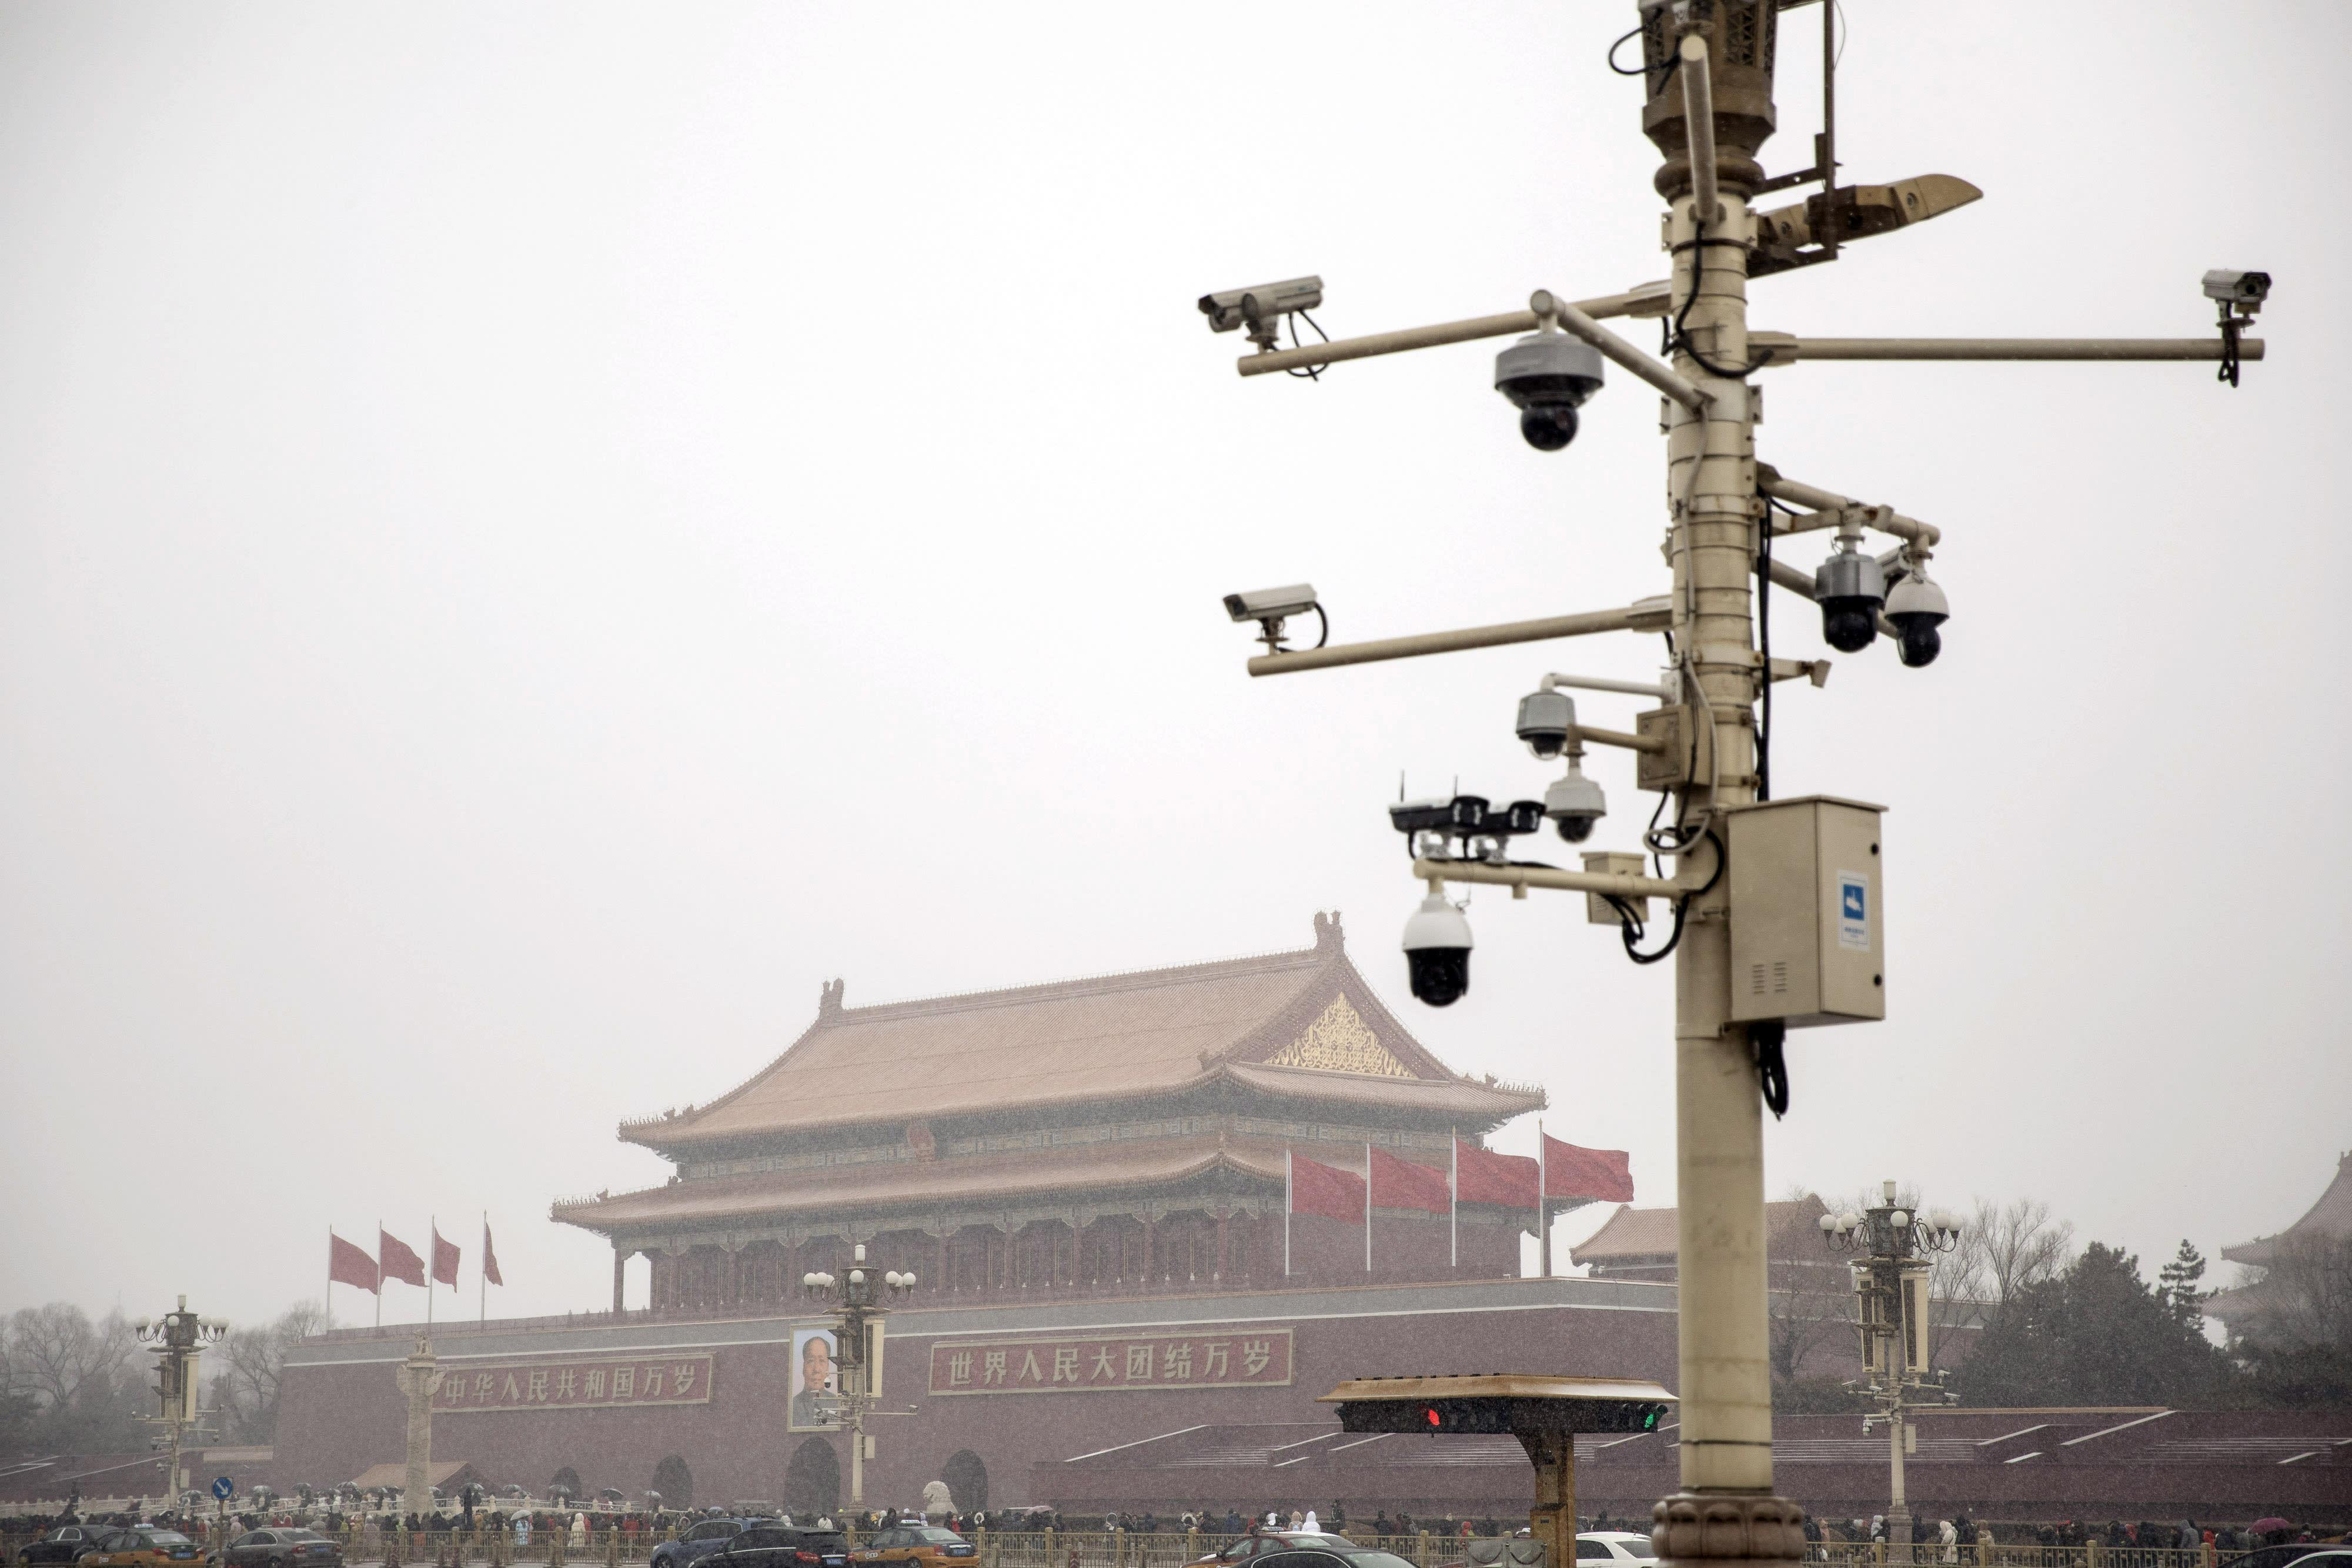 В Пентагоне опасаются, что КНР начнет продавать технологии слежки авторитарным режимам